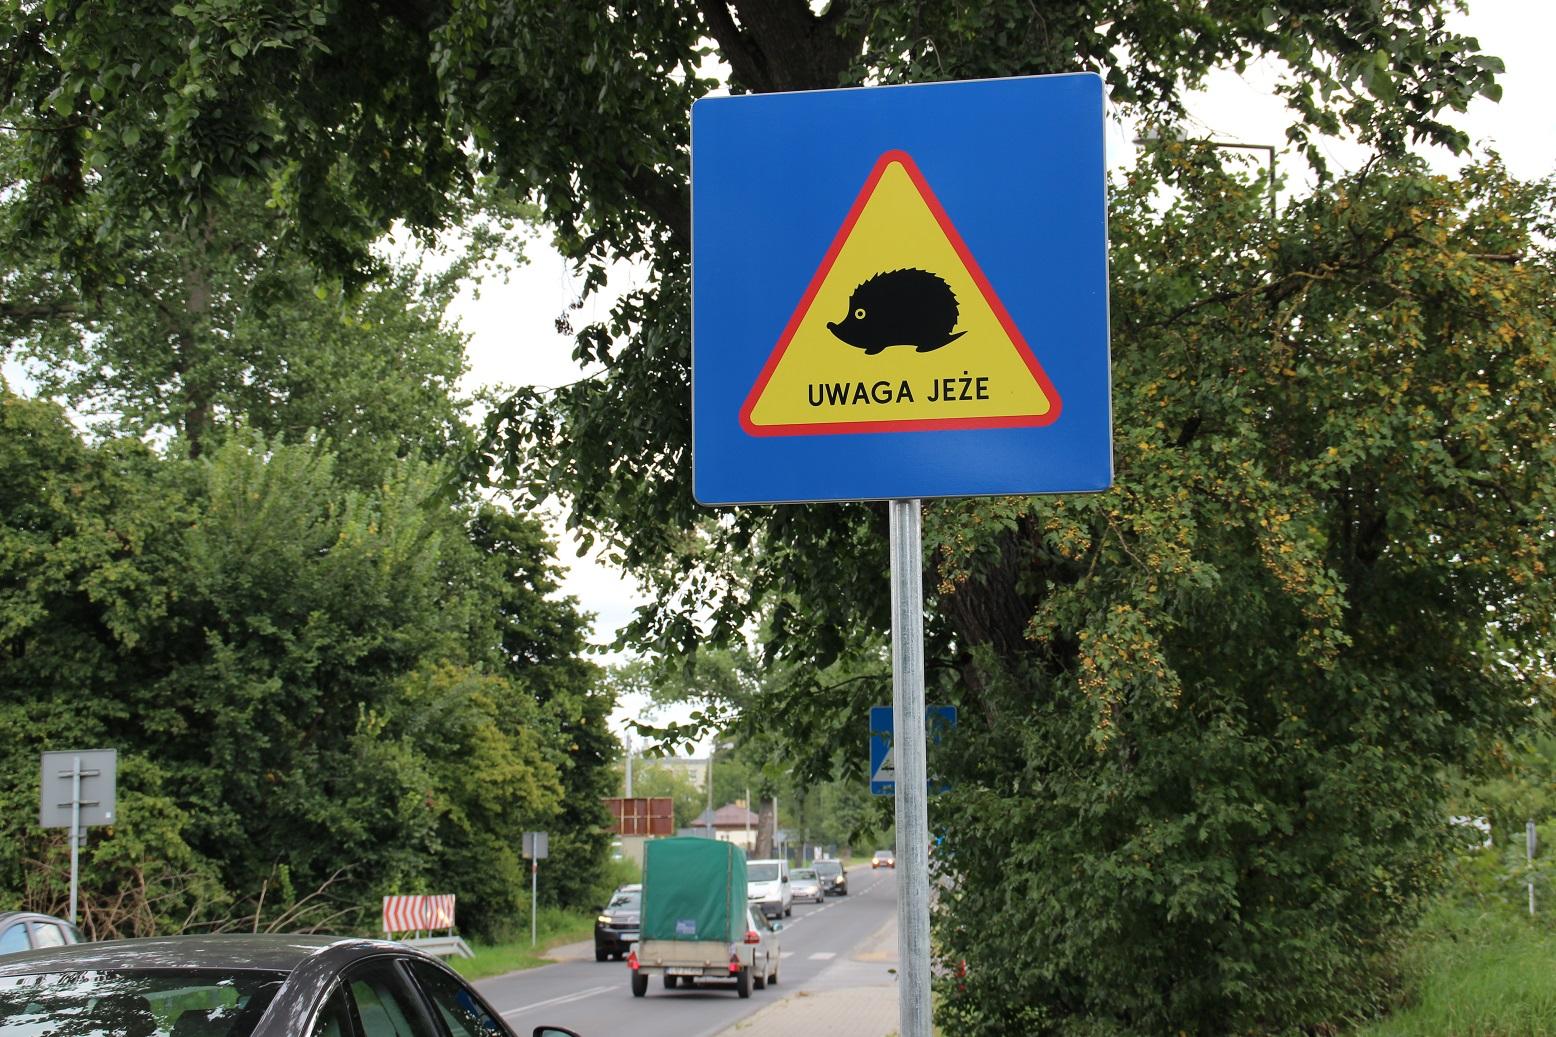 """Lublin: Znaki """"Uwaga jeże"""" będą ostrzegać kierowców. Zwierzęta często wędrują przez ulice - Zdjęcie główne"""